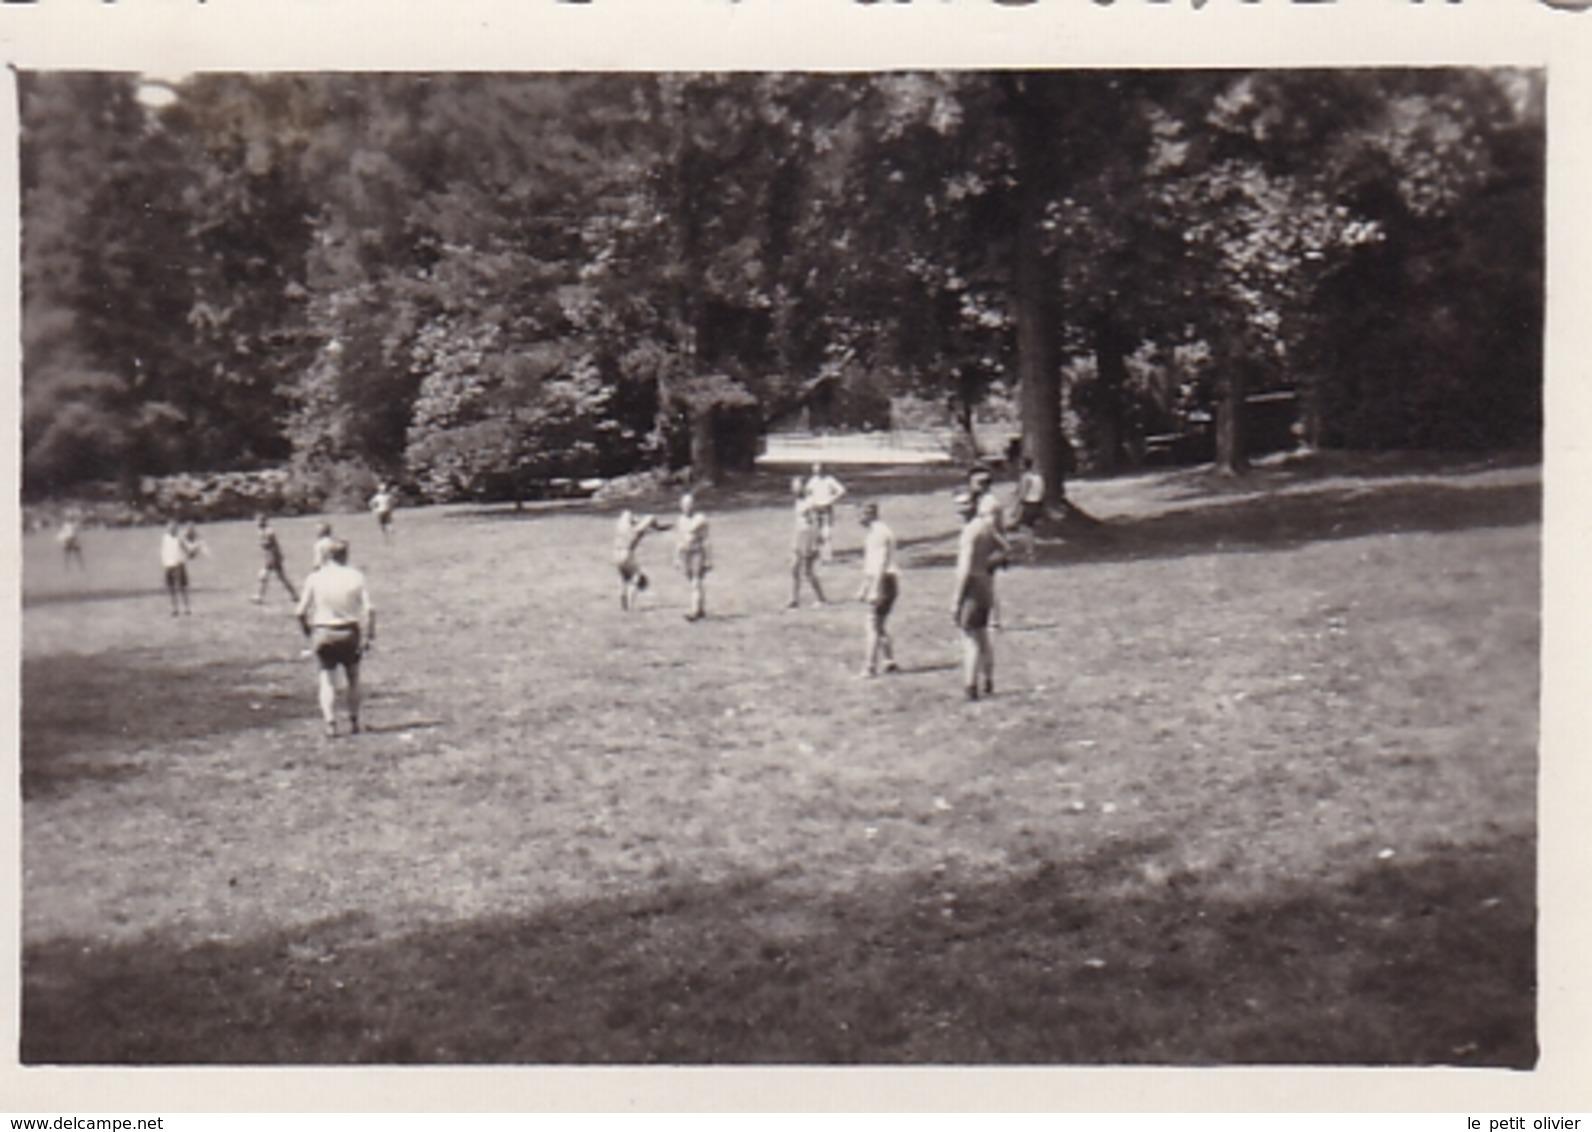 PHOTO ORIGINALE 39 / 45 WW2 WEHRMACHT FRANCE VERSAILLES JUILLET 1940 SOLDATS ALLEMANDS SÉANCE DE SPORT DANS LE PARC - Guerra, Militari